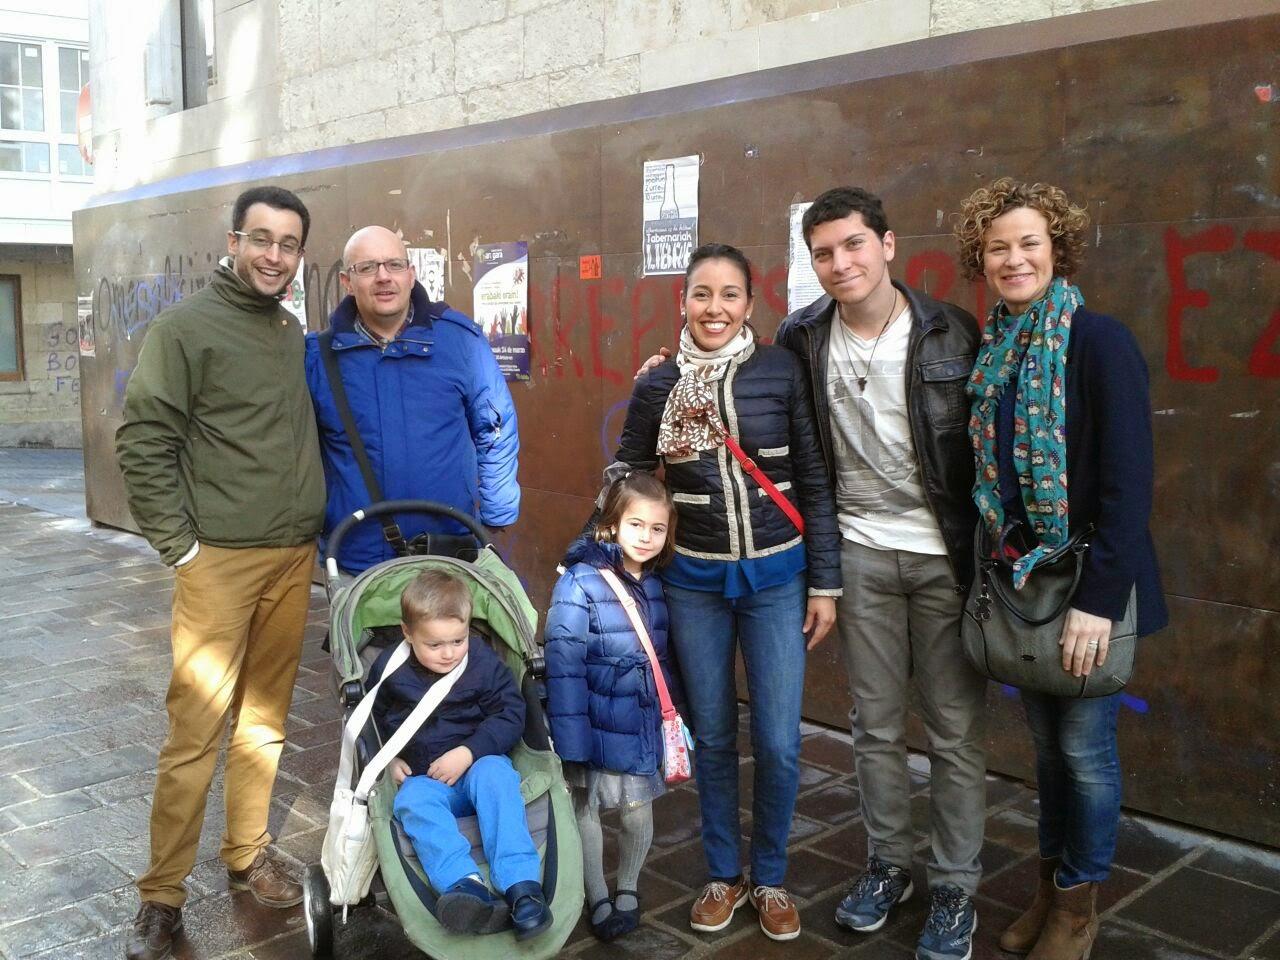 Picasa - 2-Actividad Sector Familias 8-03-15 Visita al BiBat.jpg